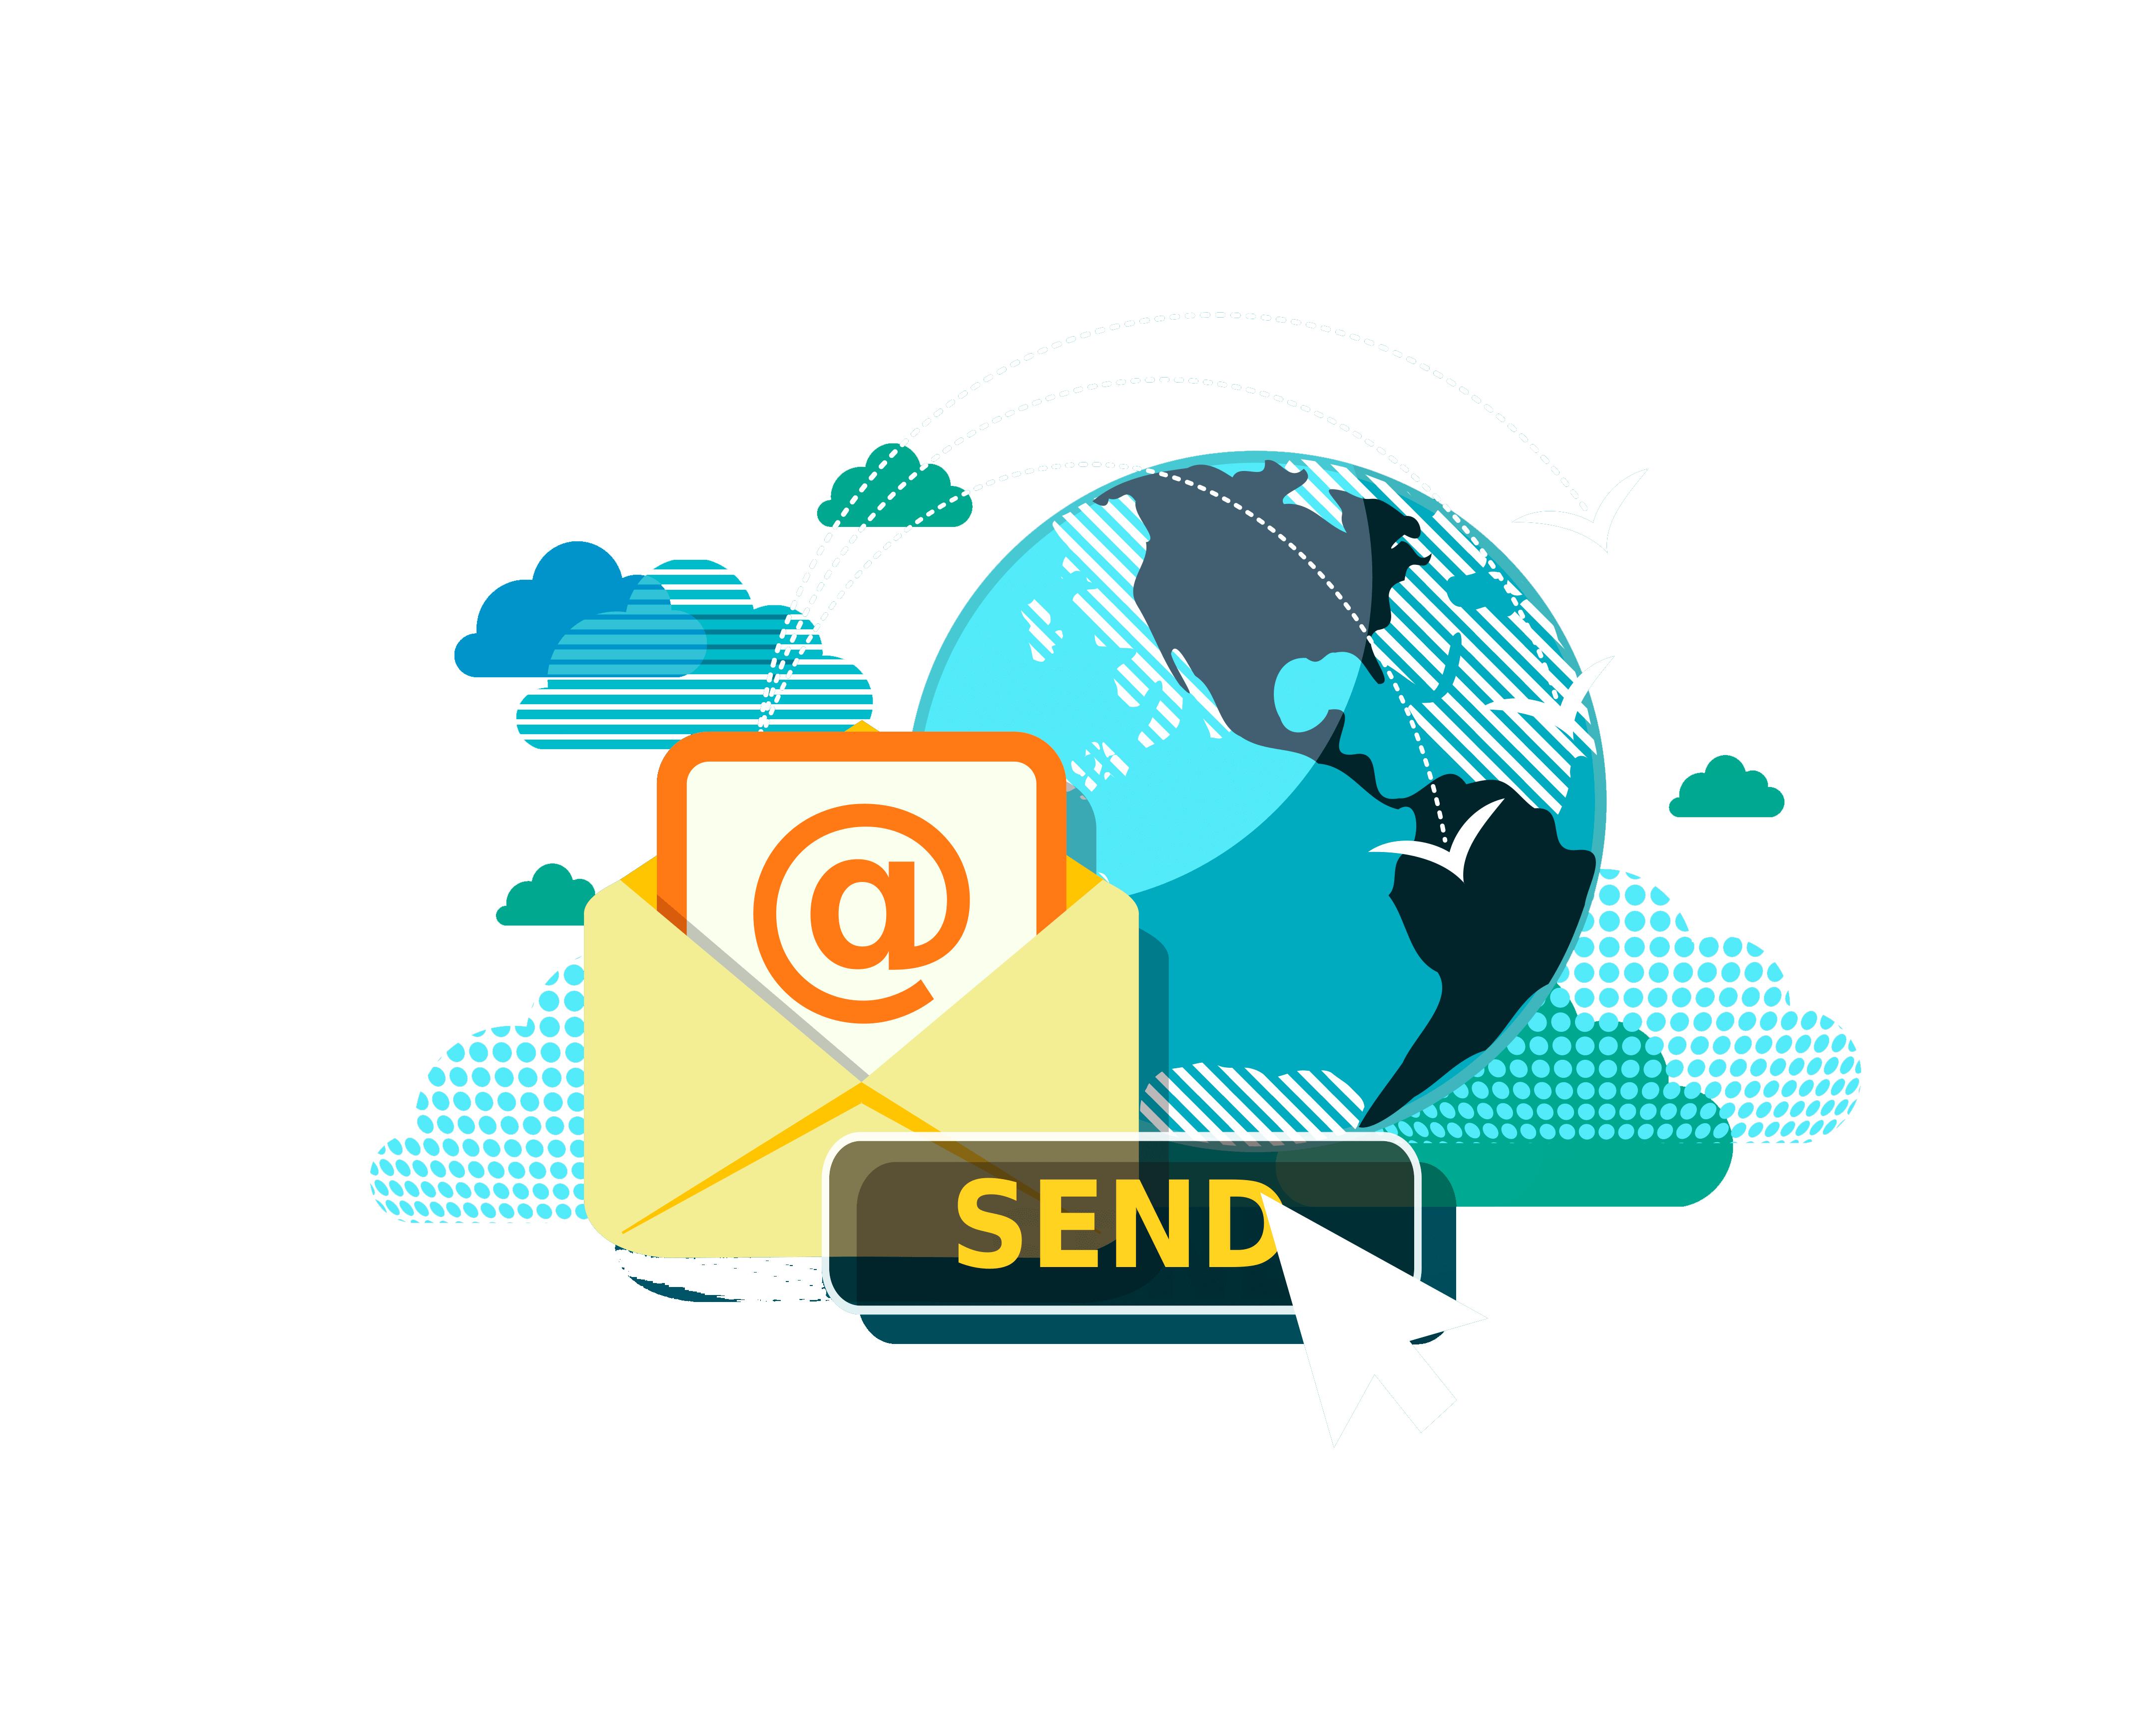 Myra_Digital_Email_Marketing_w